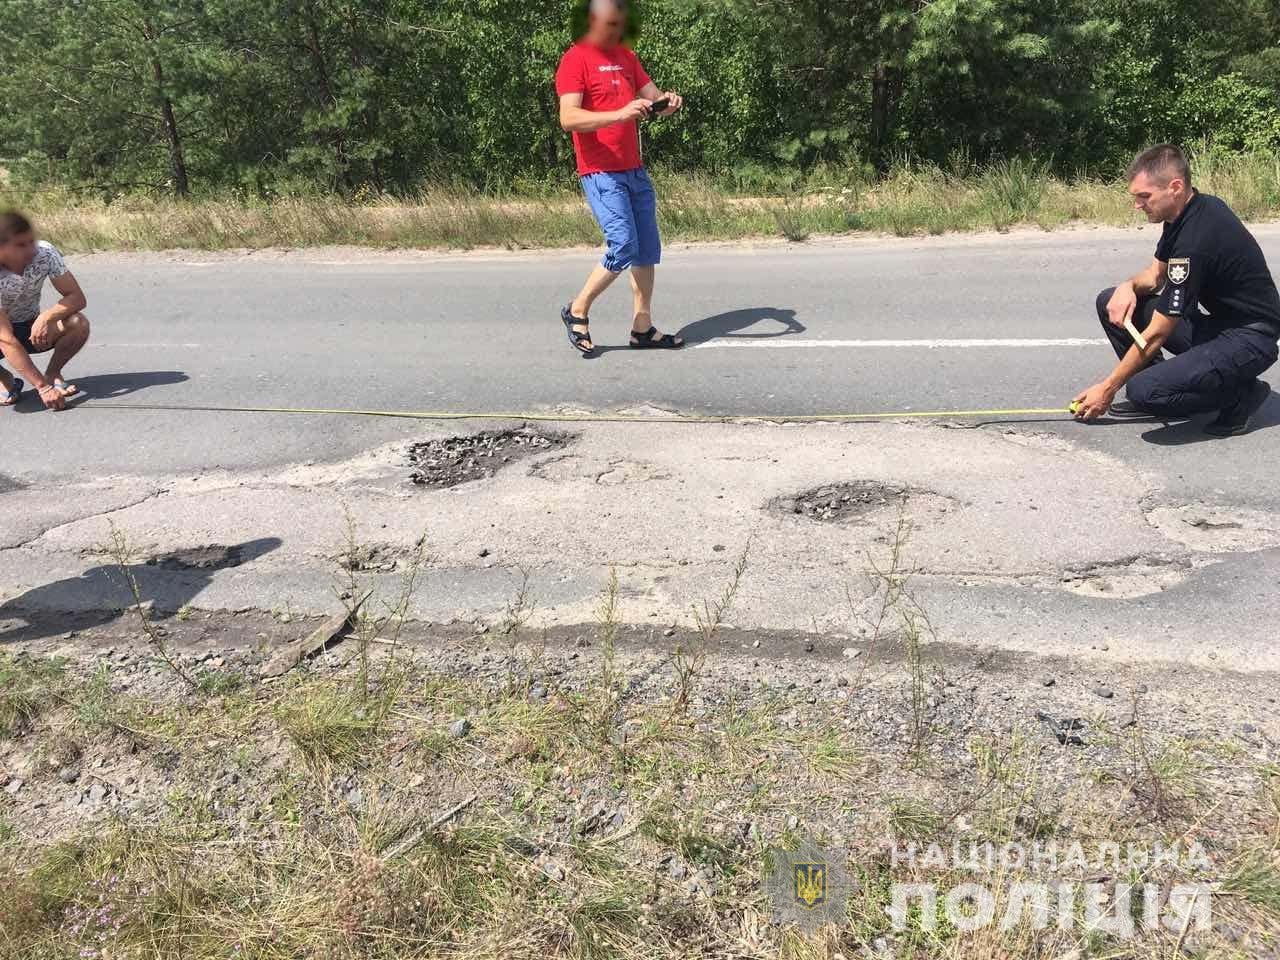 Автомобиль угодил в яму и перевернулся